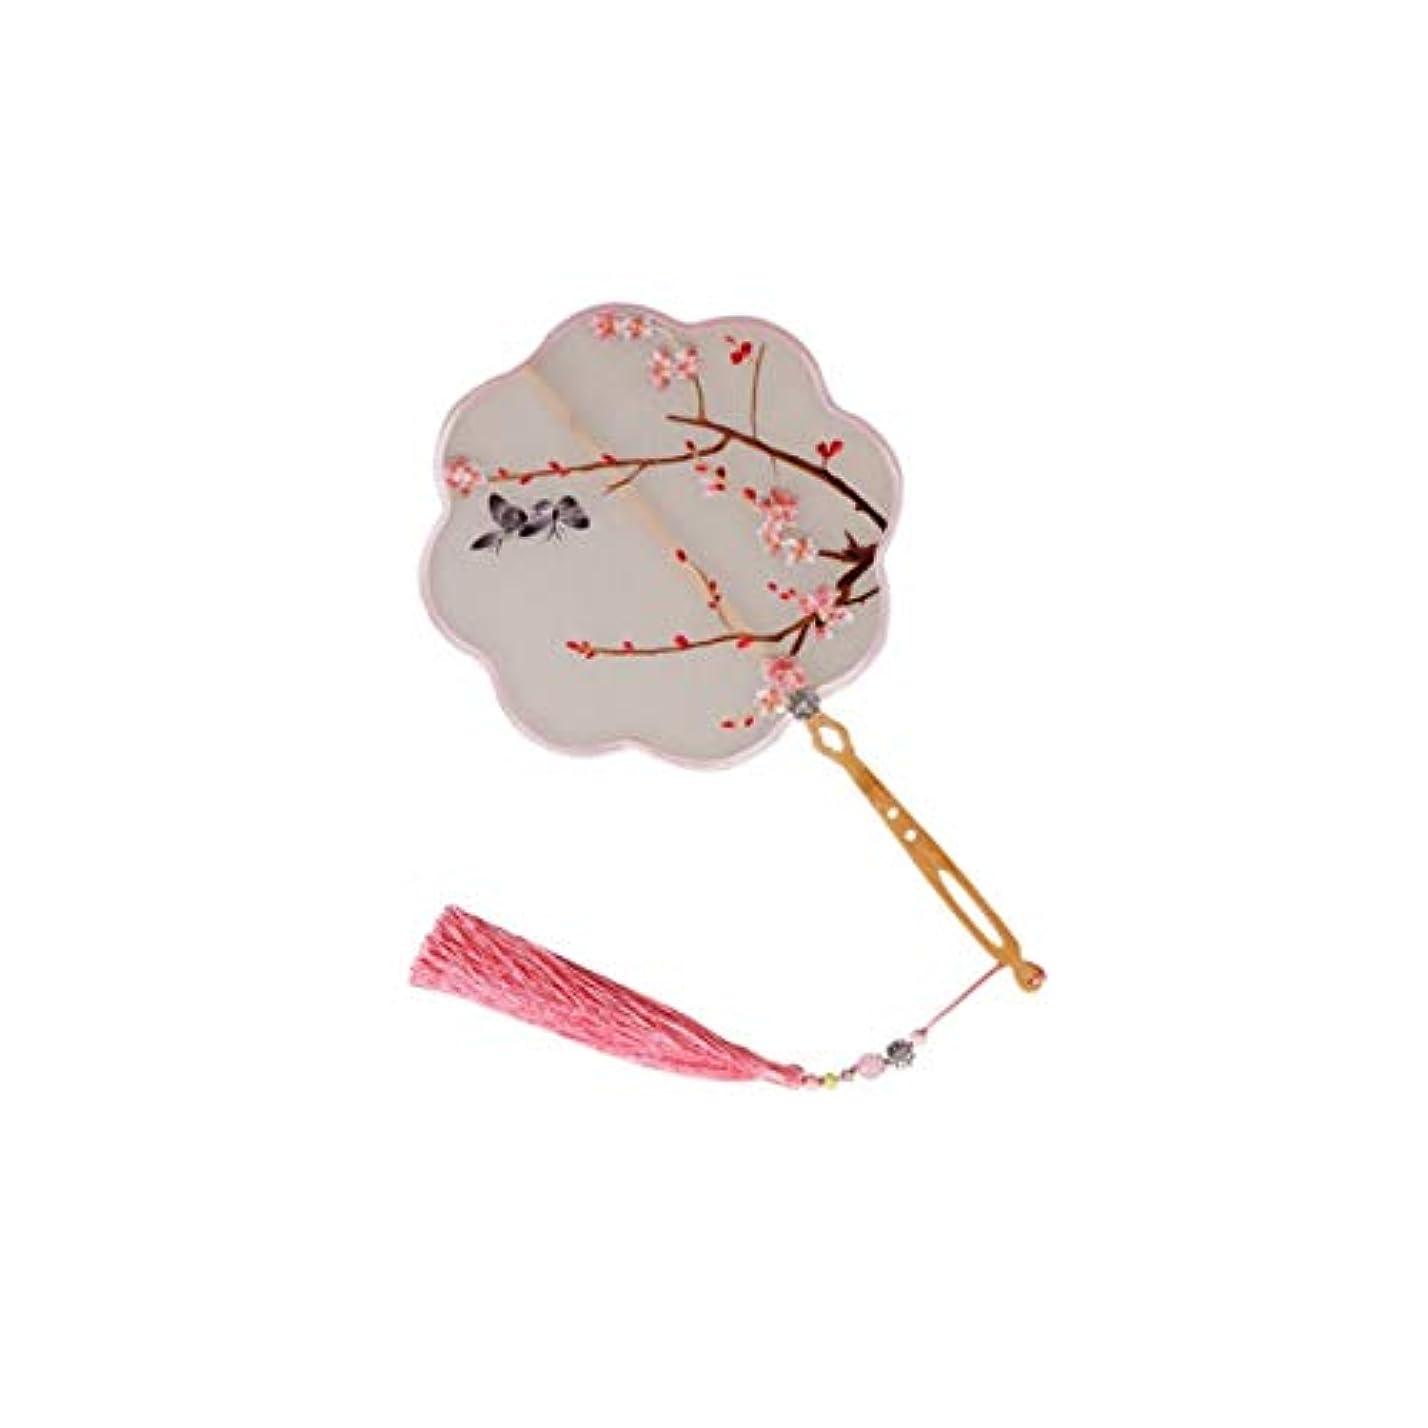 インストールシンボル社説KATH ファン、手作り、中国の絹の刺繍のファン、中国の工芸ギフト